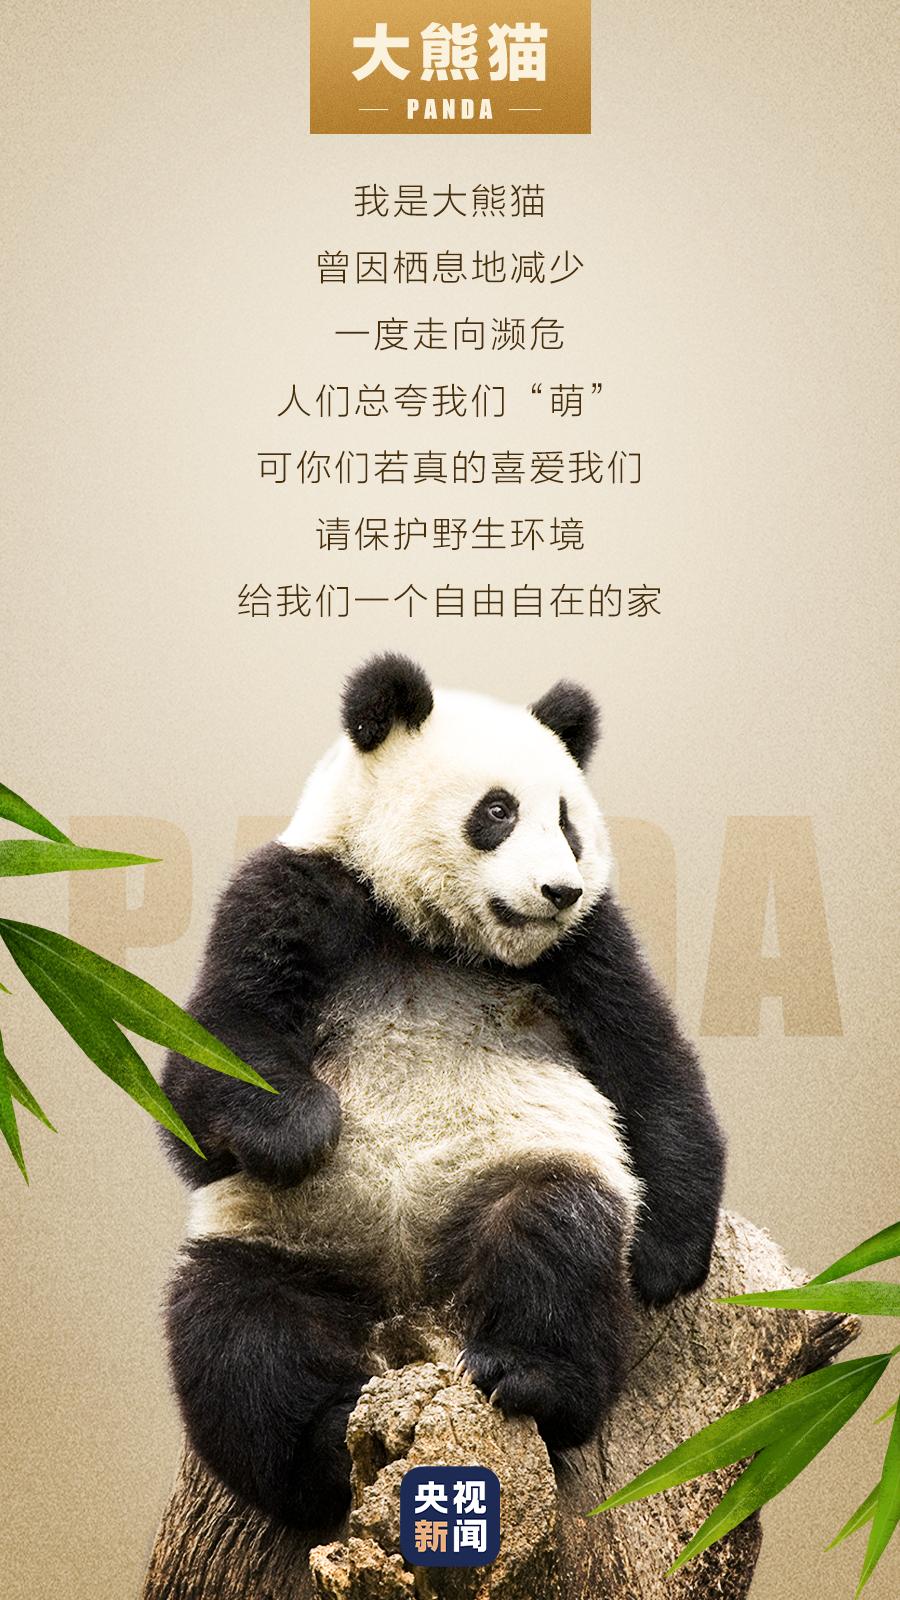 今天(4月8日)是国际珍稀动物保护日